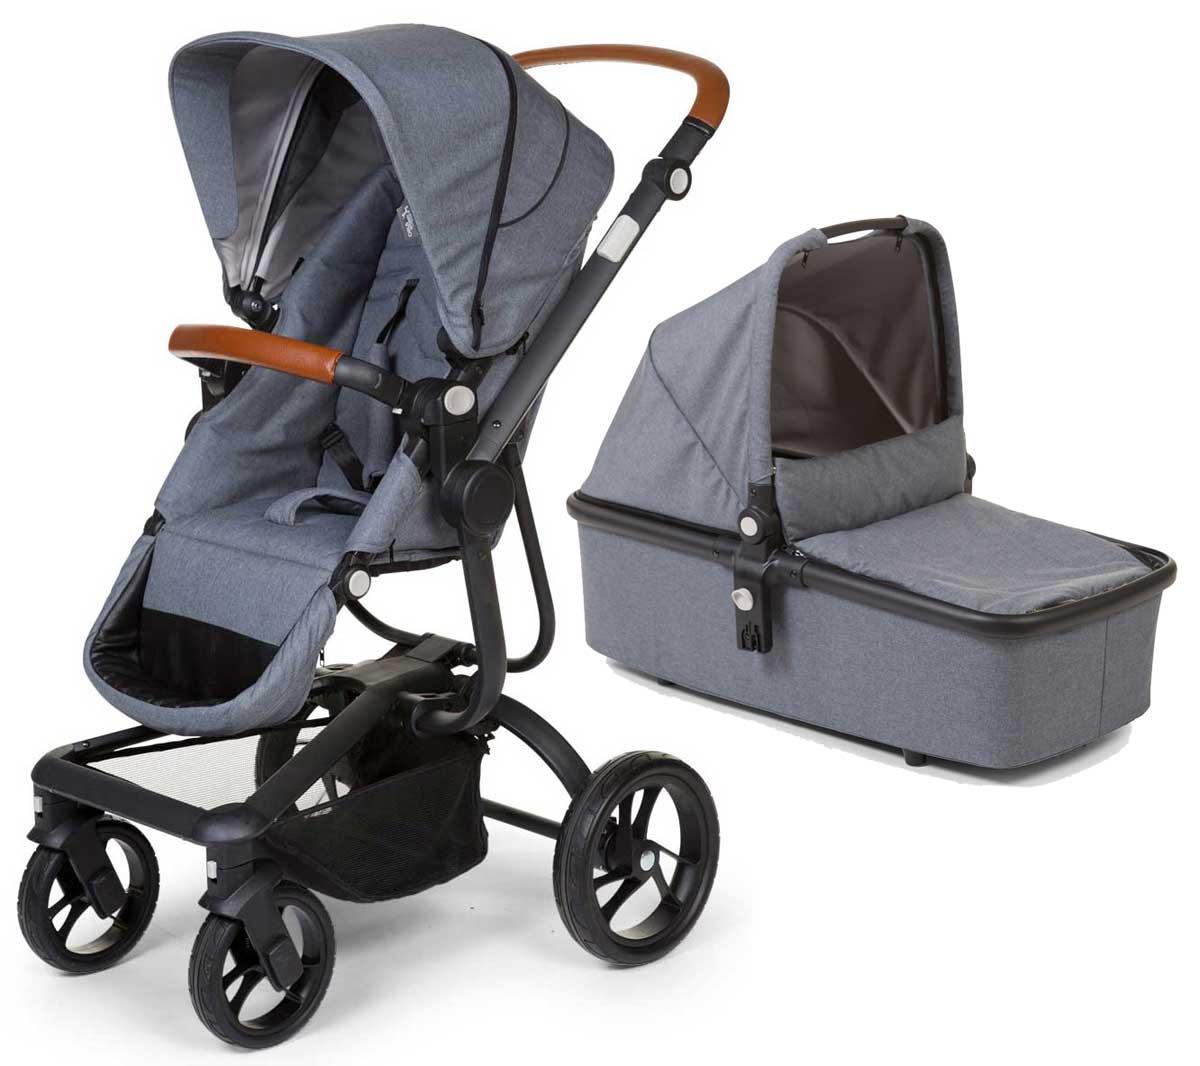 Bērnu rati 2 vienā universālie CHILDHOME Urbanista canvas grey